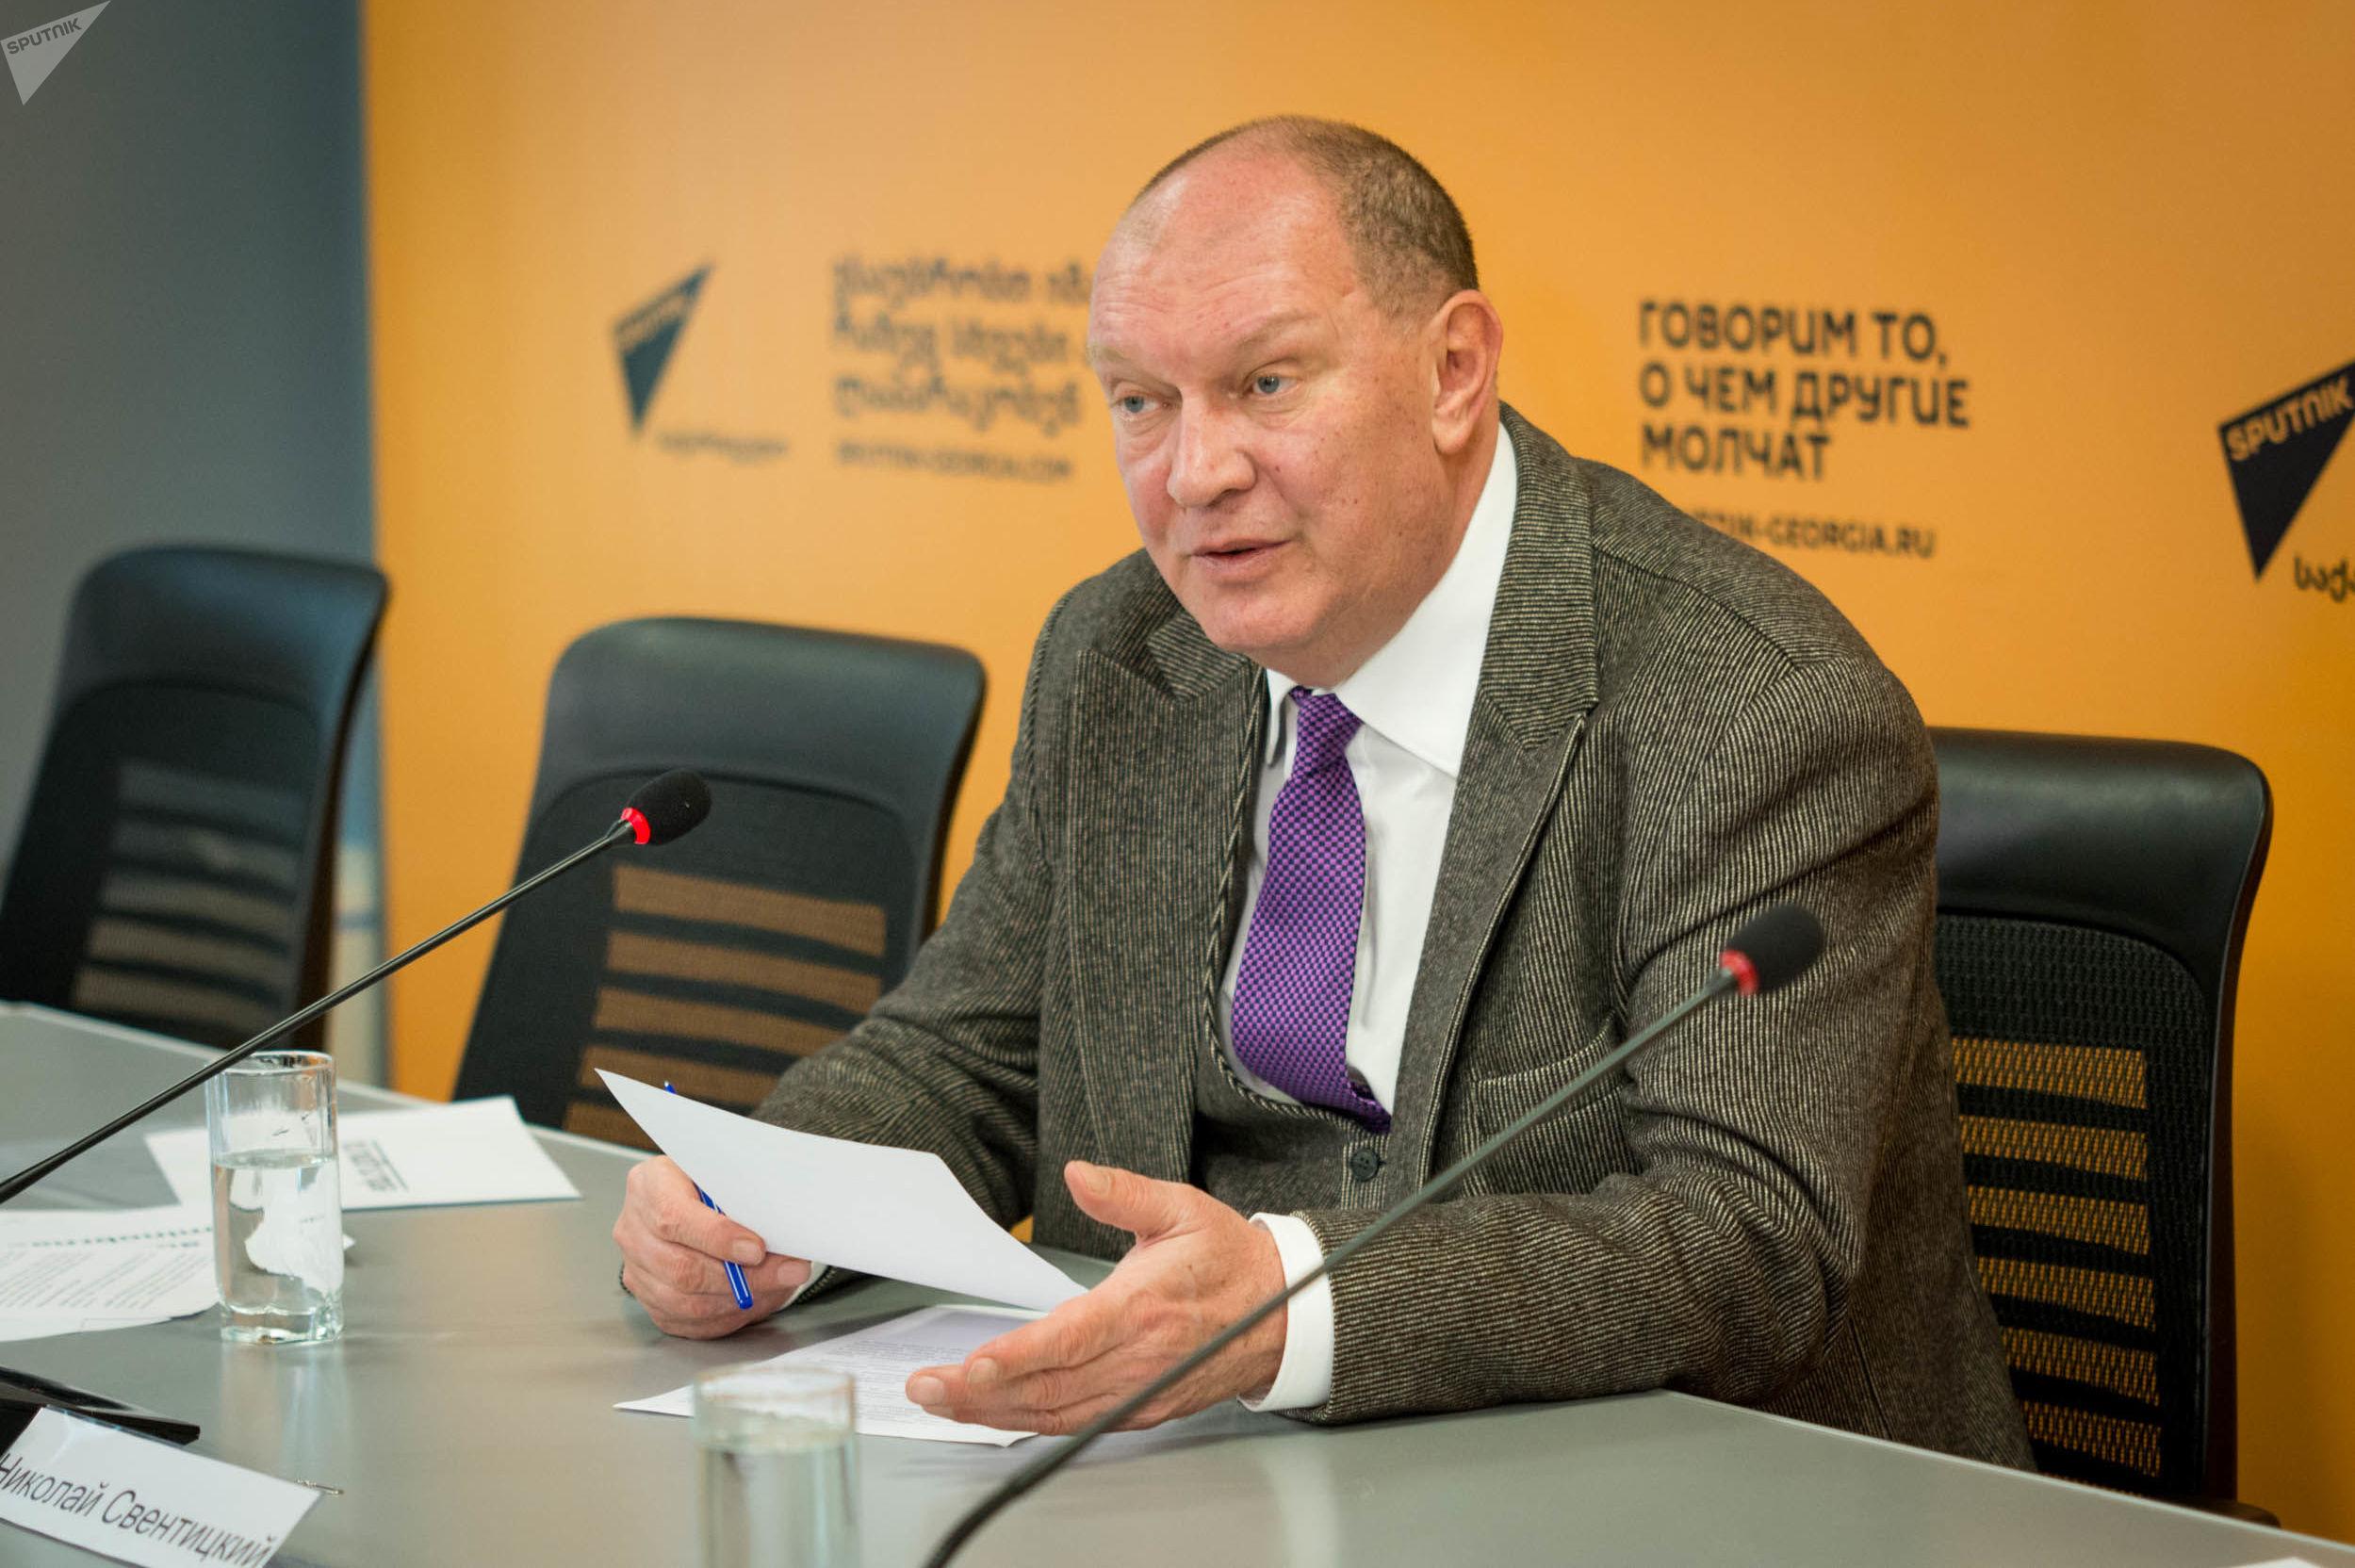 Представляем вашему вниманию отчетное интервью с председателем КСОСРГ Грузии Николаем Свентицким